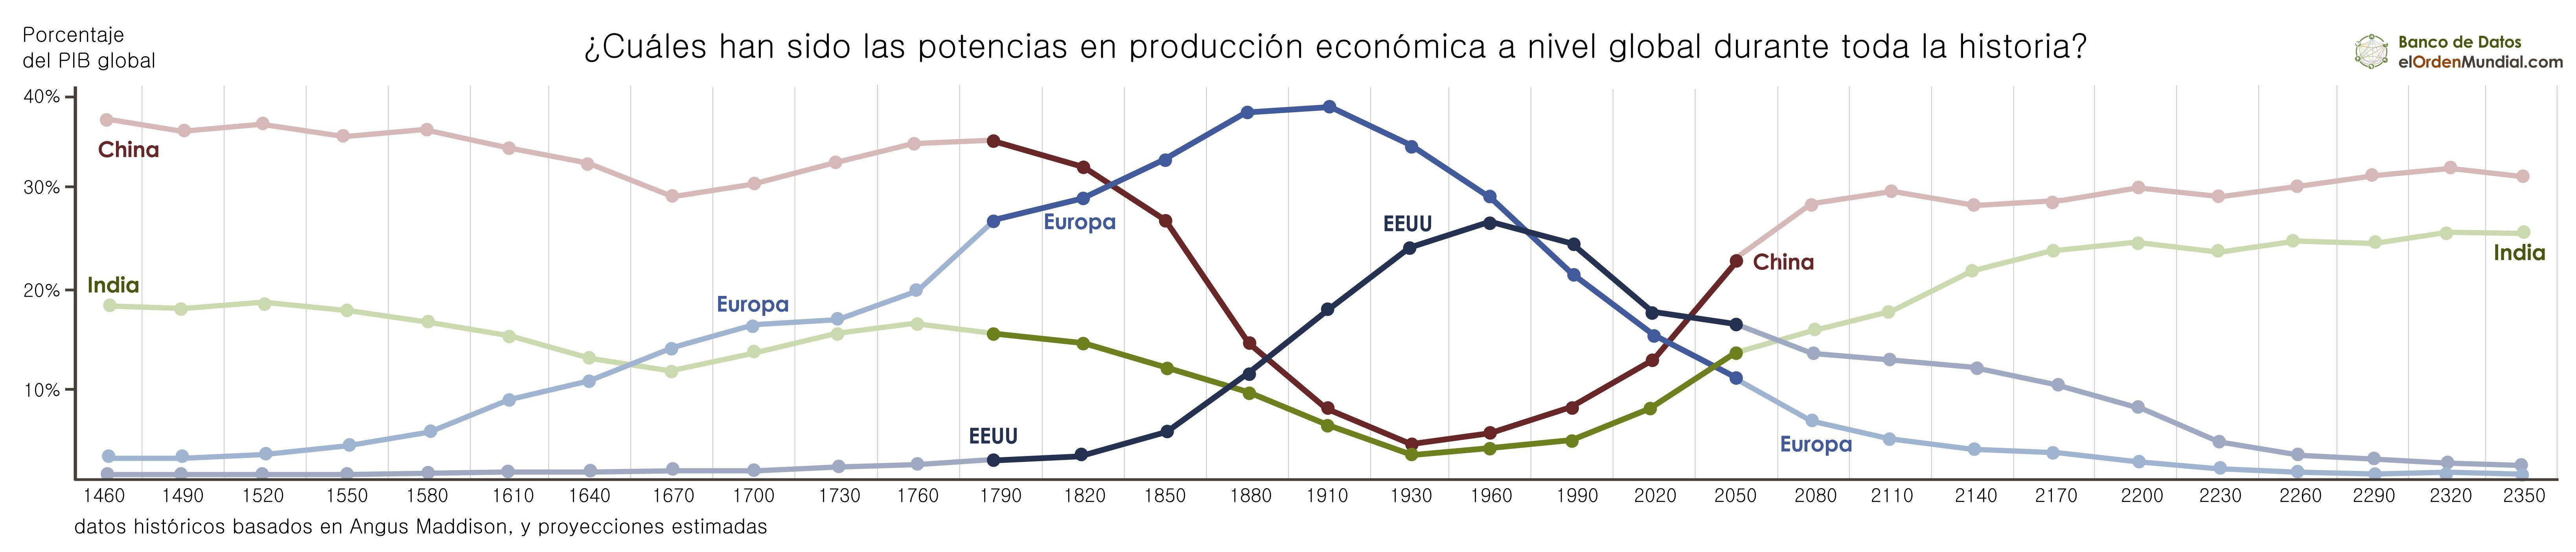 historiaeconomica